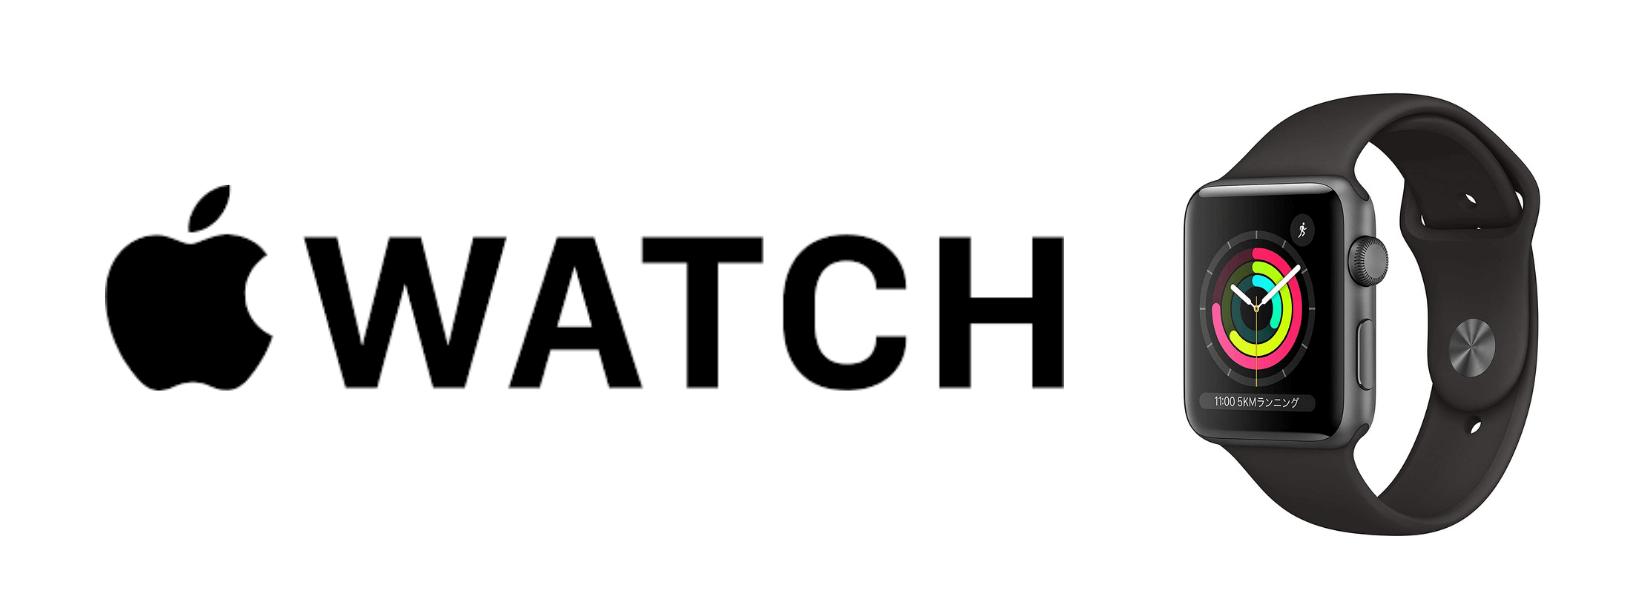 ビジネス向けスマートウォッチのApple Watch